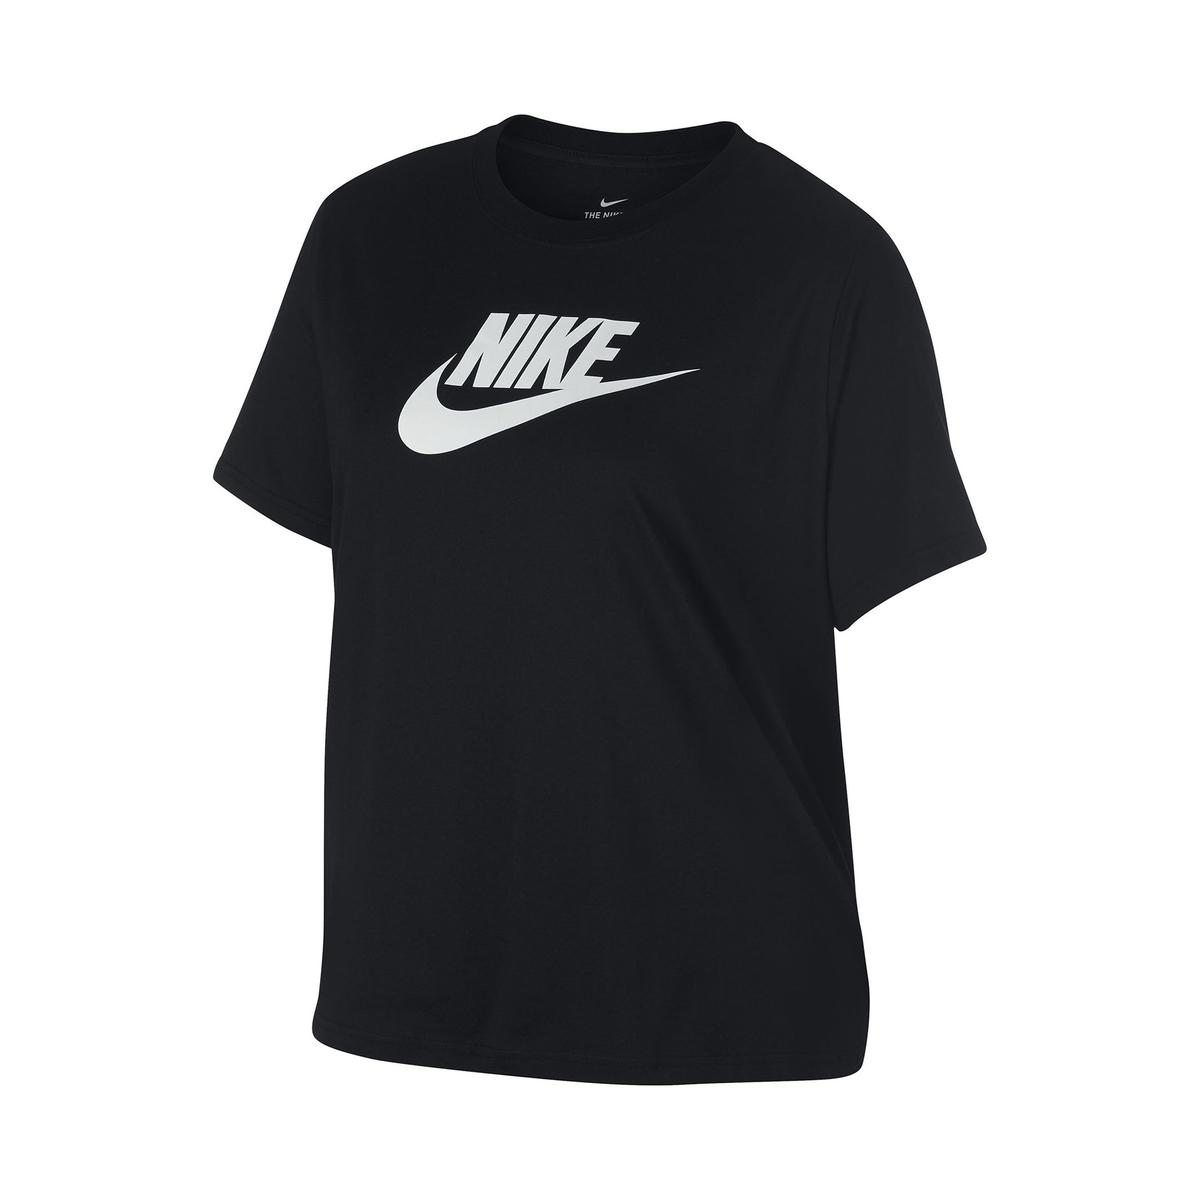 Imagen principal de producto de Camiseta con cuello redondo estampado y logotipo delante - Nike